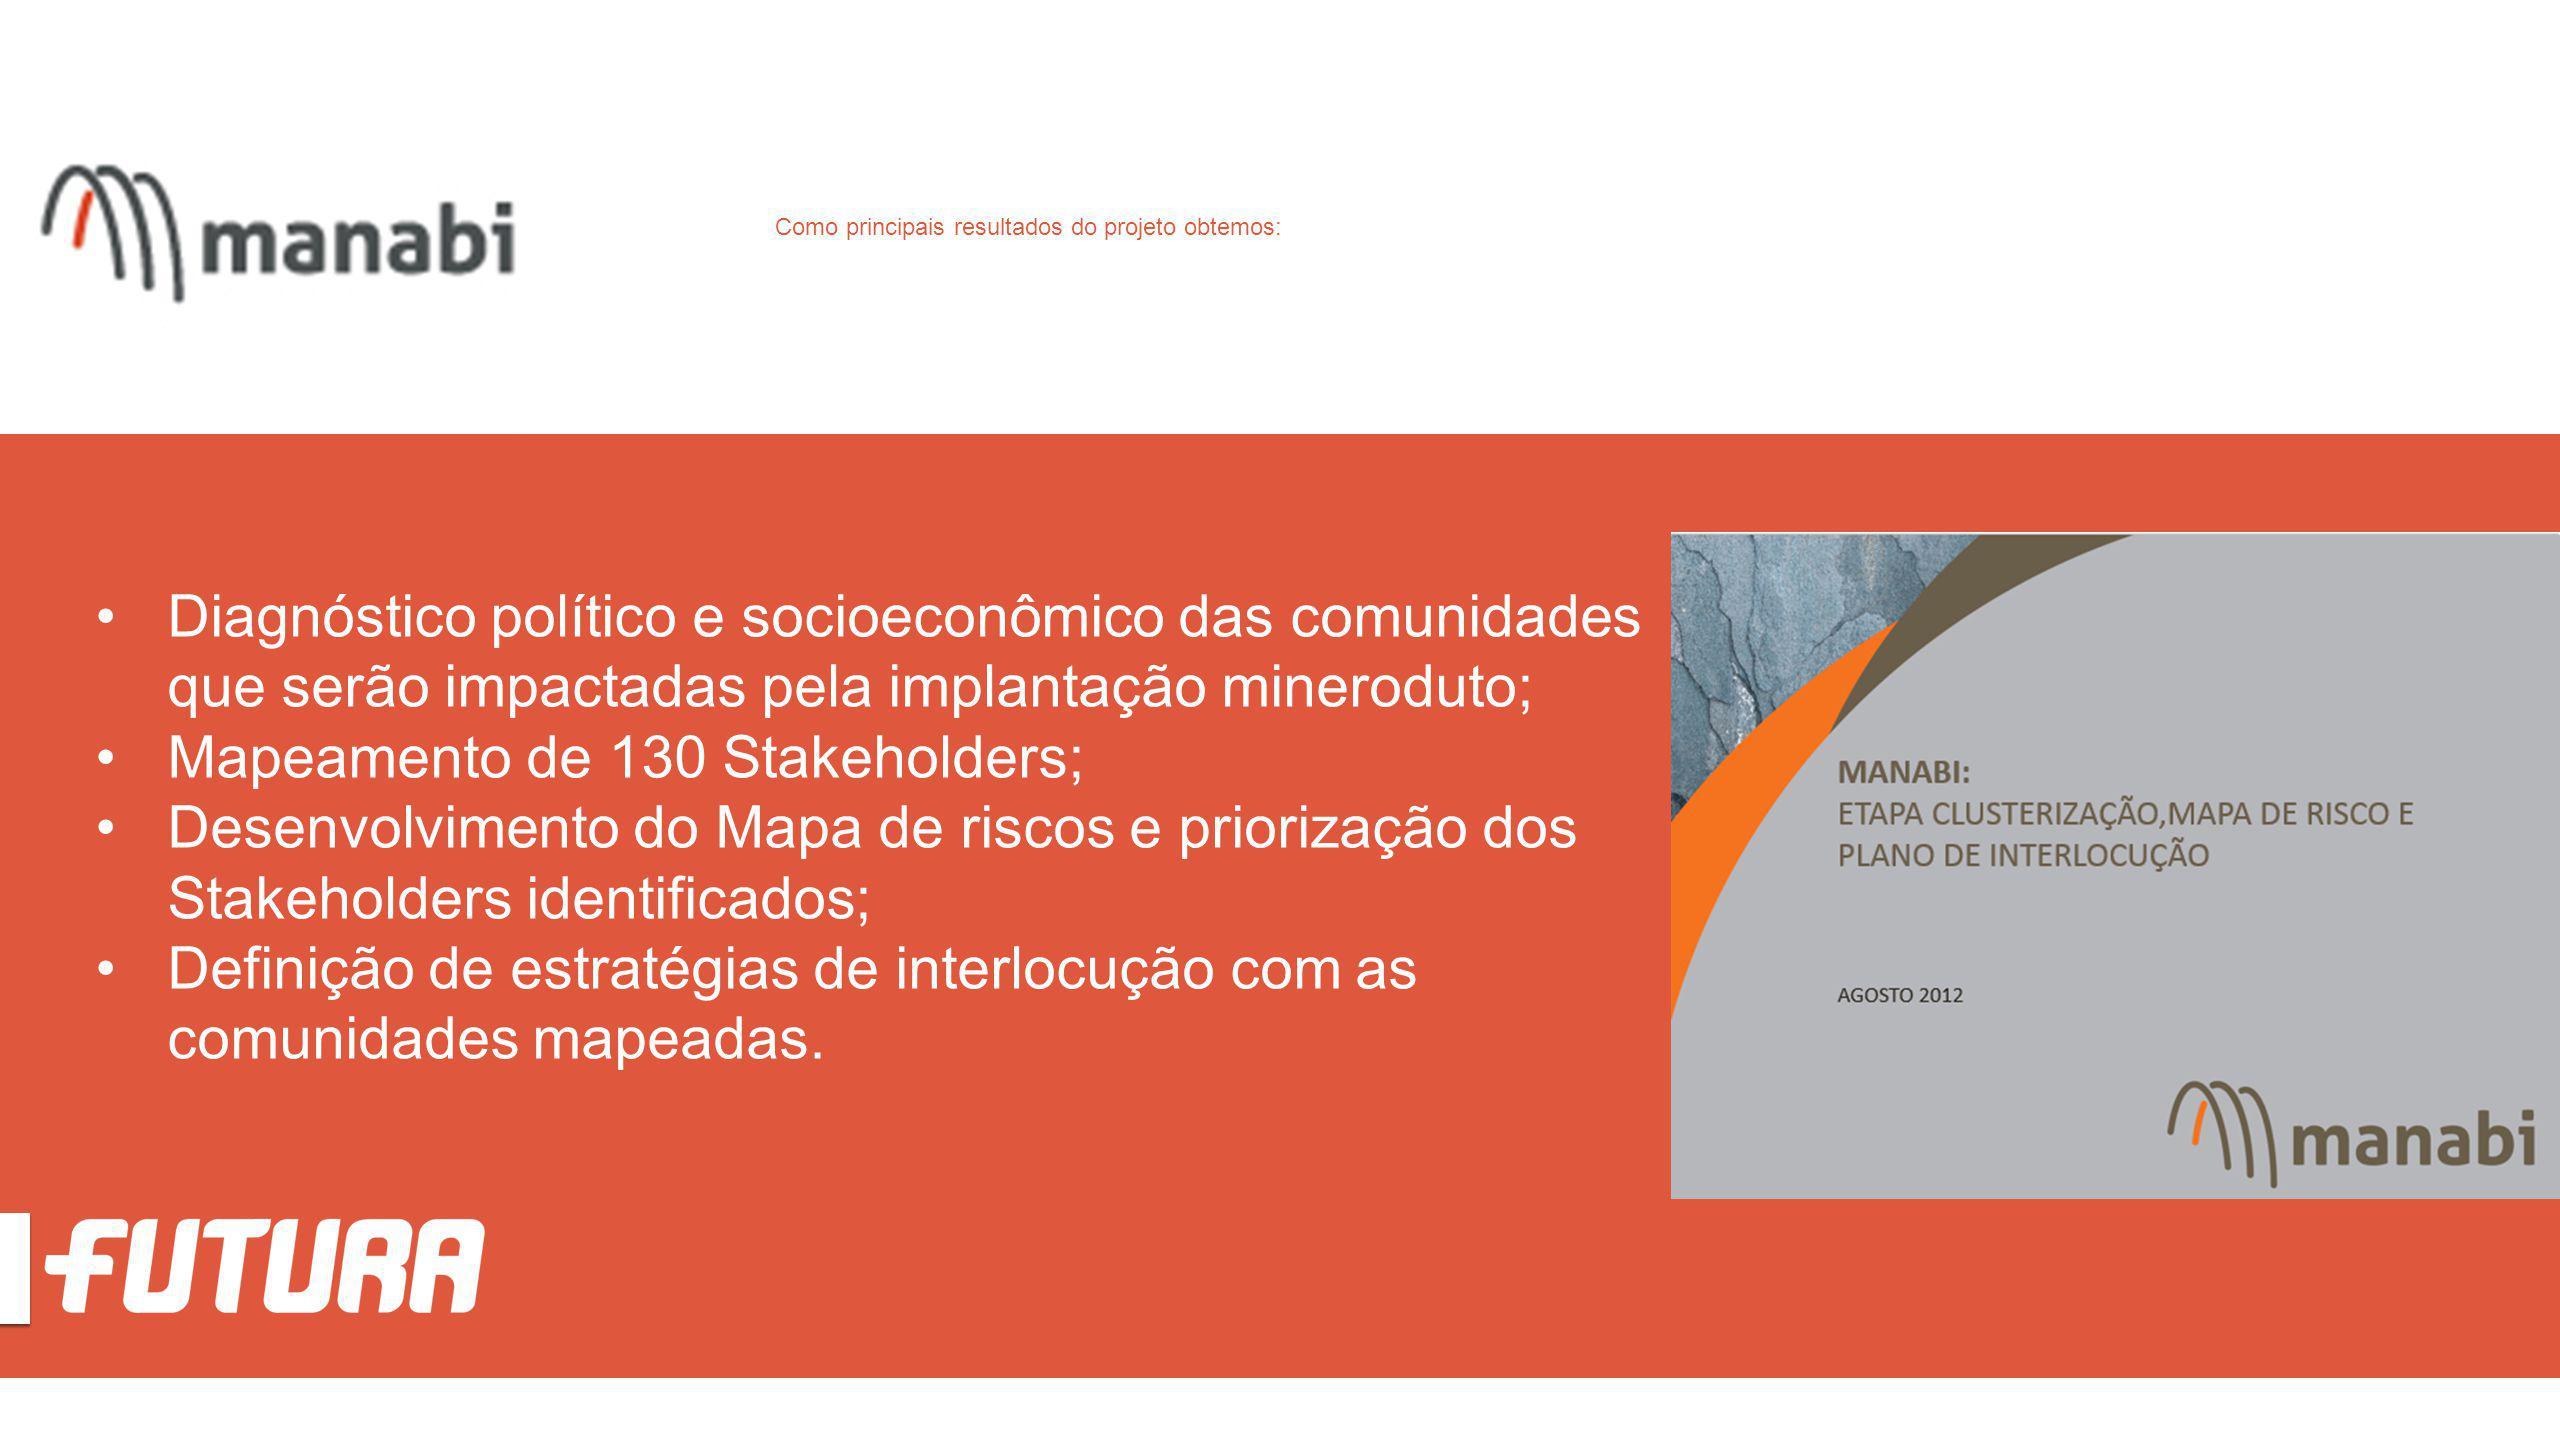 Diagnóstico político e socioeconômico das comunidades que serão impactadas pela implantação mineroduto; Mapeamento de 130 Stakeholders; Desenvolviment